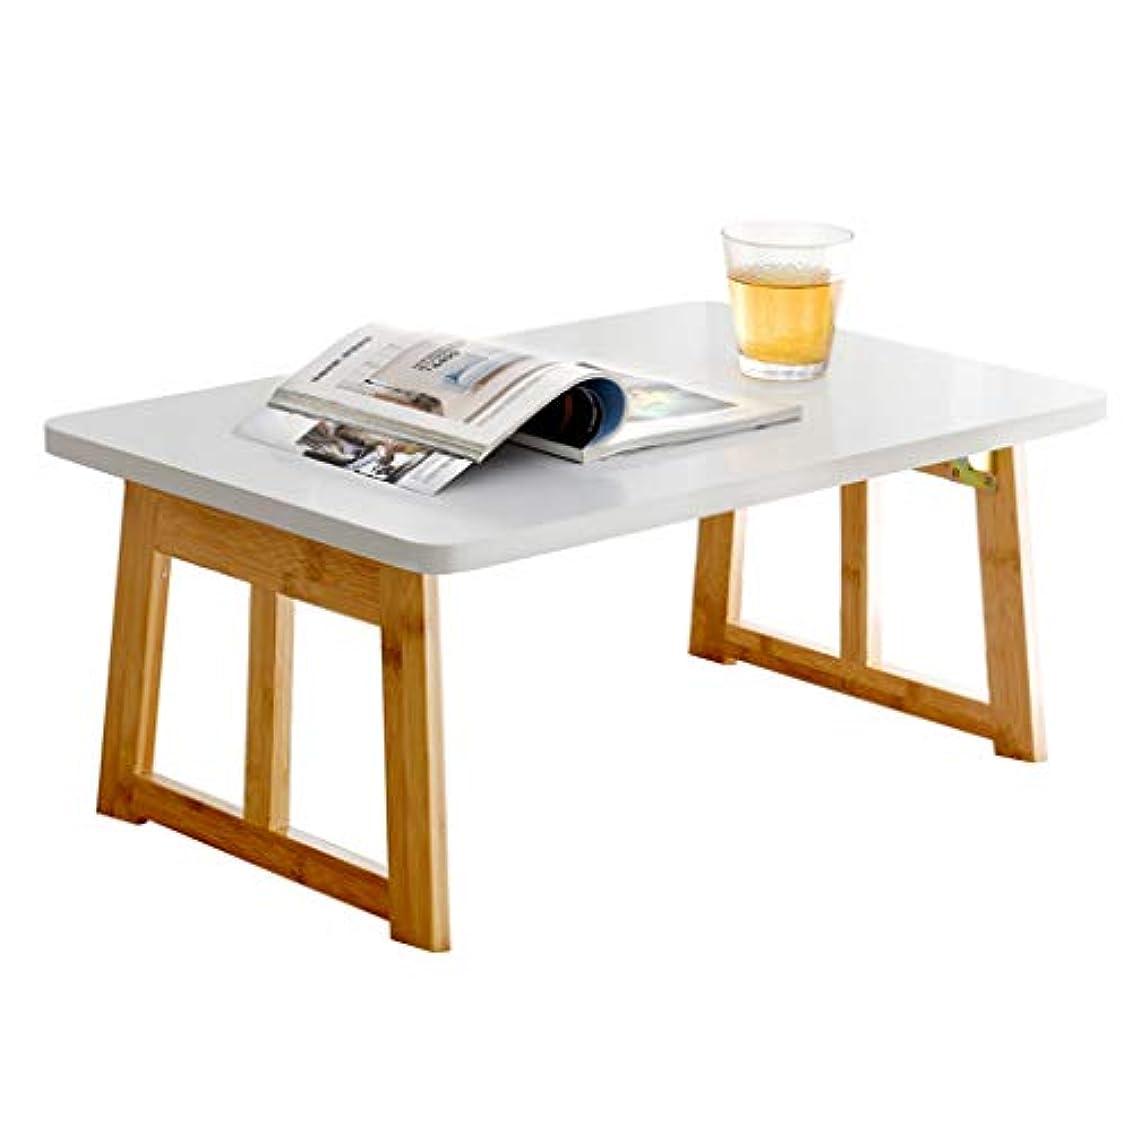 リビングルームポジティブ家庭NJ 折りたたみ式テーブル- 白い折り畳み式コンピュータデスク、家庭寮の学生スタディデスク (色 : 白, サイズ さいず : 70x40x31cm)